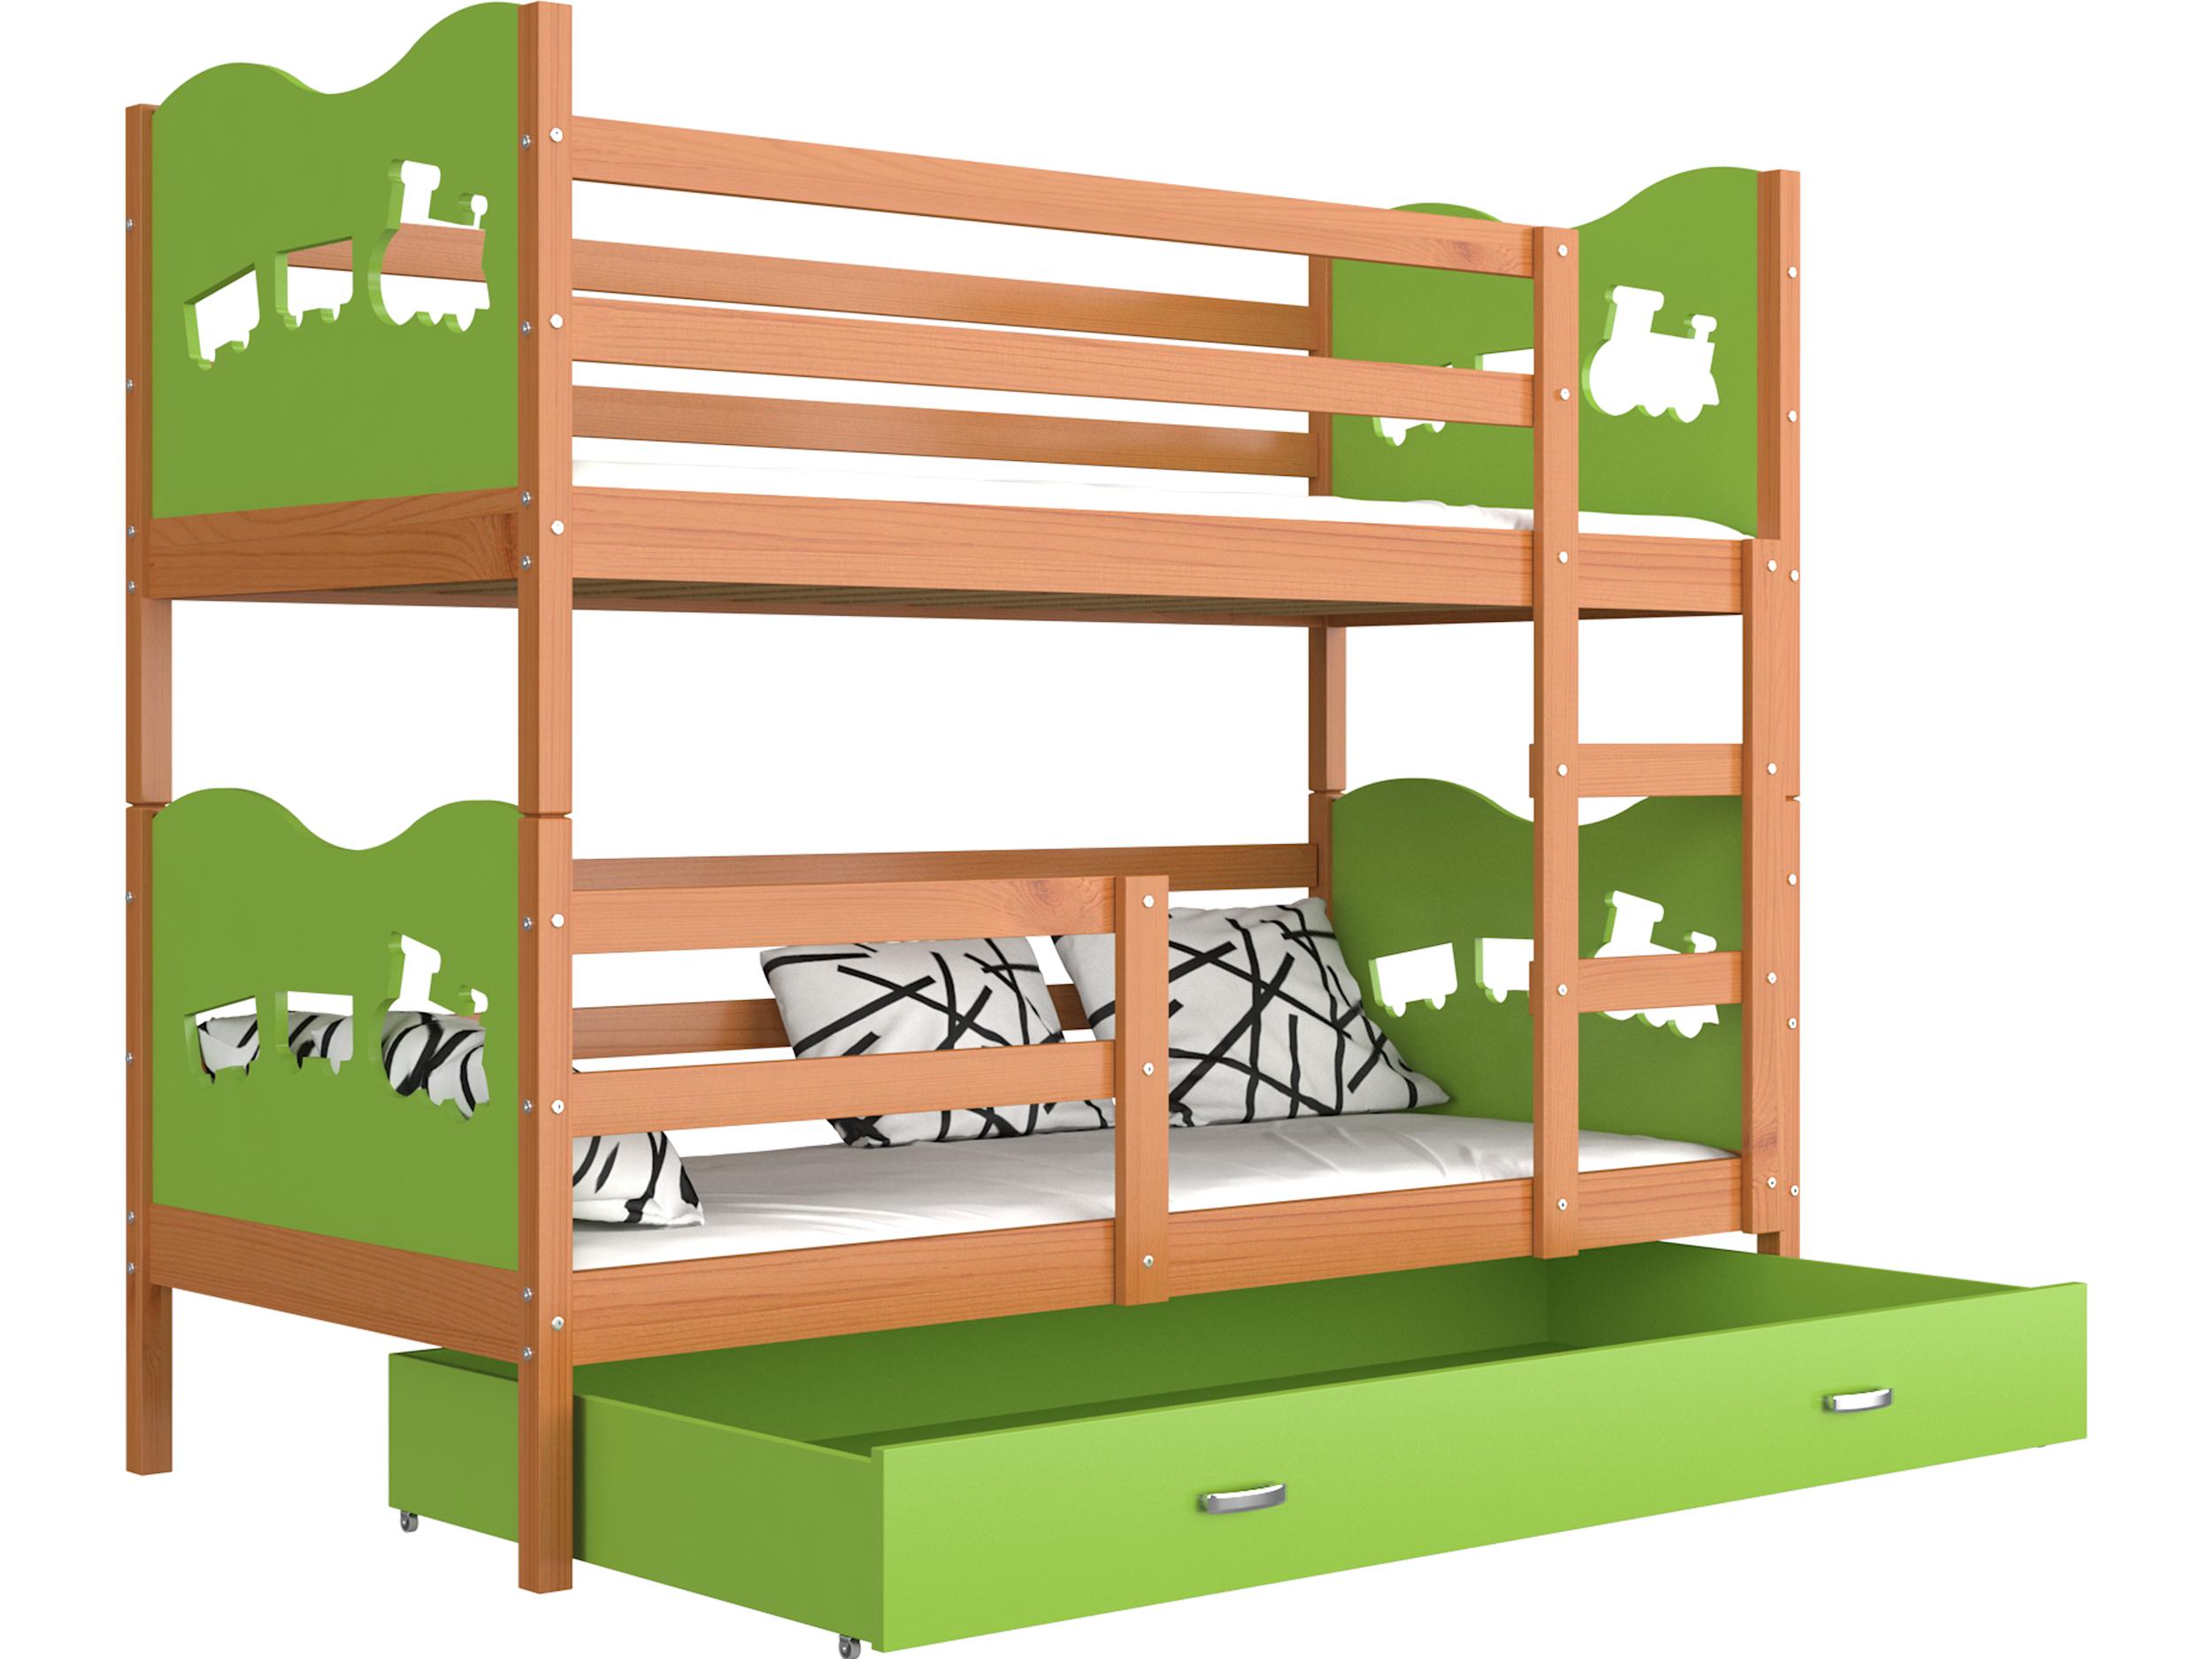 ArtAJ Detská poschodová posteľ MAX drevo / MDF 190 x 80 cm Farba: jelša / zelená 190 x 80 cm, s matracom